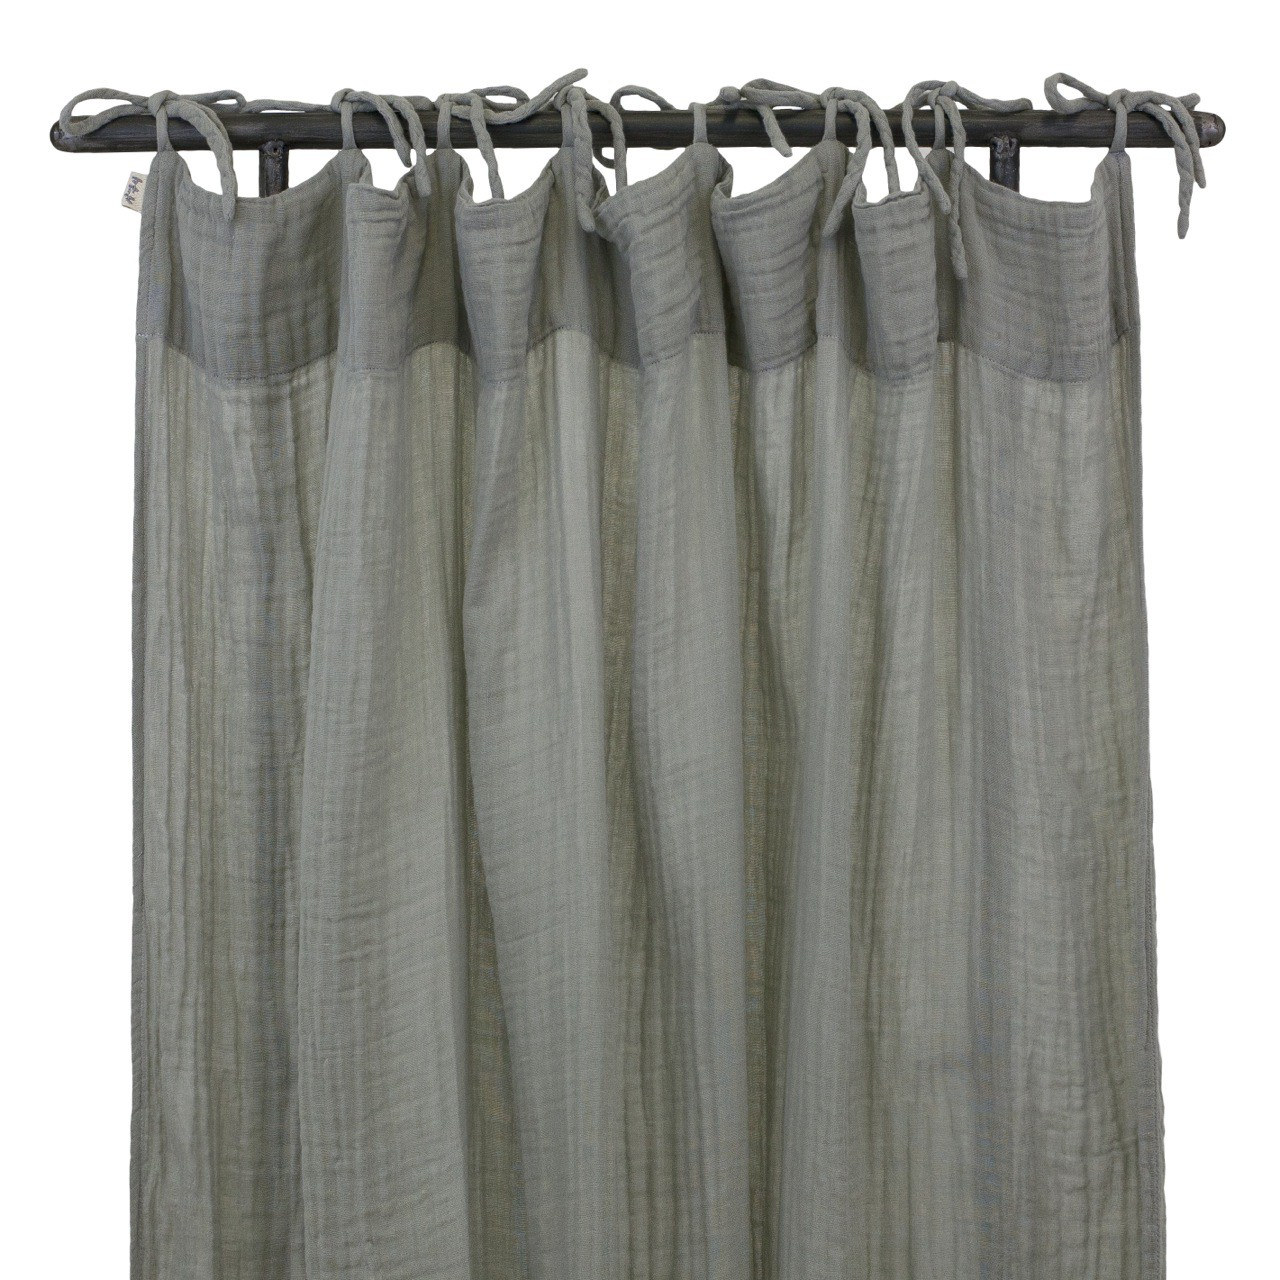 Vorhang Grau Leinen | Die schönsten Einrichtungsideen